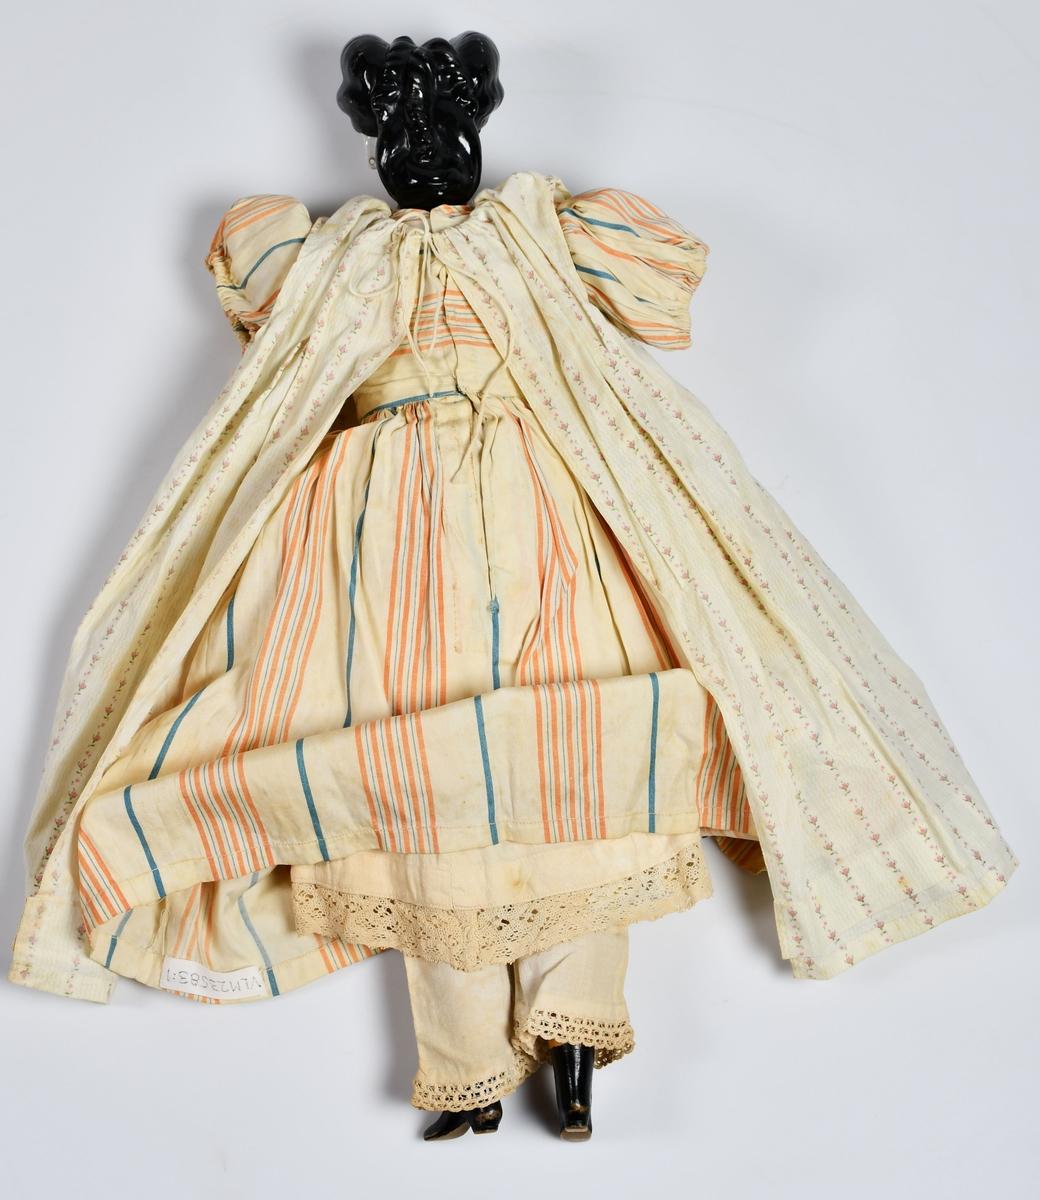 Flickdocka med kläder. Dockan har huvud av porslin och kropp av hårdstoppat tyg. Benen nedanför knäna och fötterna är av trä. Armar saknas. Dockan är klädd i byxor och linne, underkjol, klänning och förkläde. Allt i bomull.   Dockan var en gåva till Lisa Svartz (1881 - 1904), (äldre syster till Nanna Svartz) från familjen Sjöqvist bosatt i Västerås.   Dockan heter Jacquette. Kläderna är sydda av Anna Svartz, mor till Lisa Svartz.   Till dockan hör en underklänning och ett par underbyxor i vit bomull, invnr 23579.   Tillverkningstid: ca 1885.